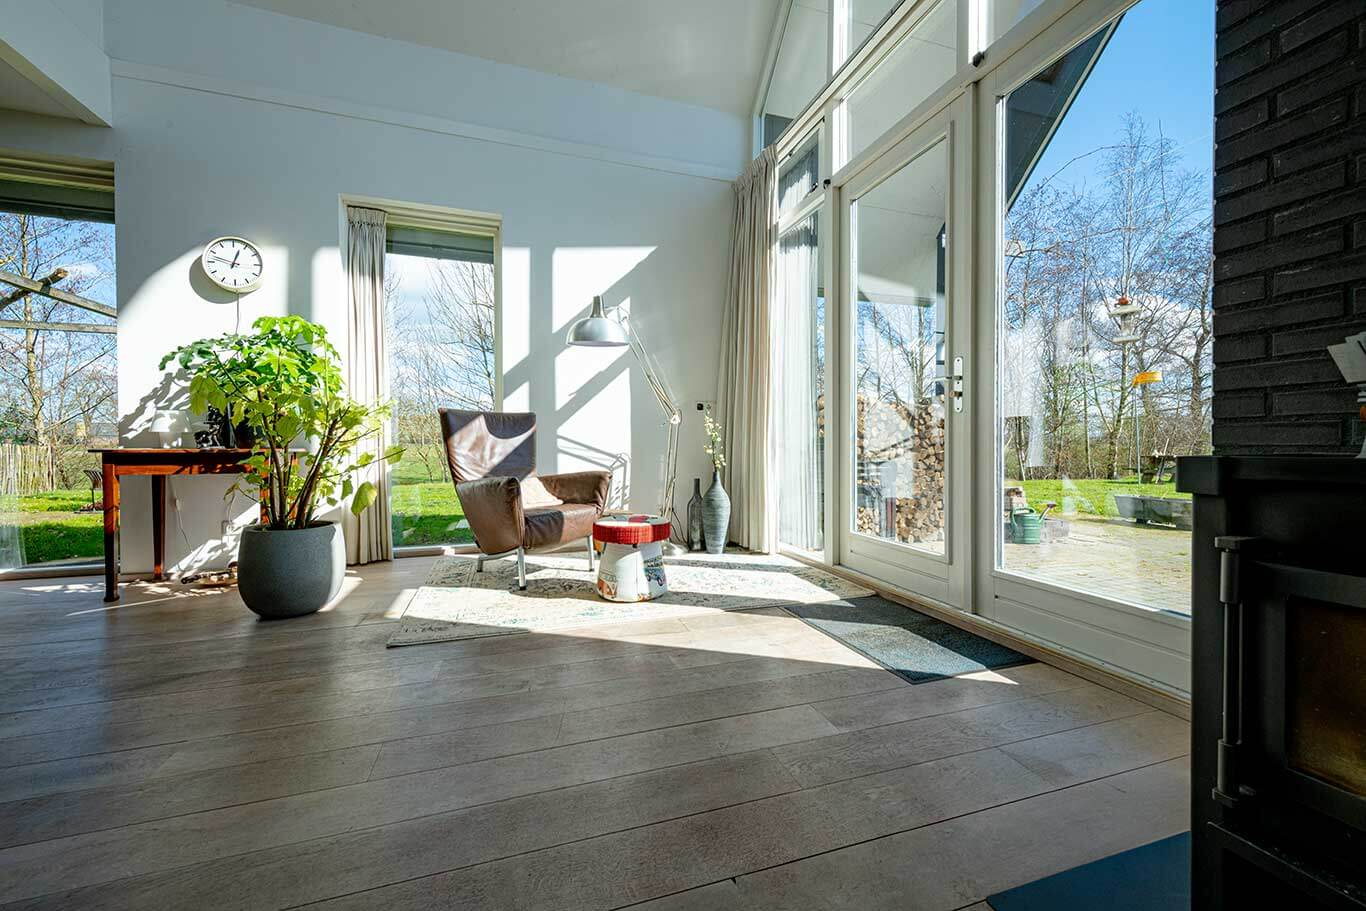 hesselmann-oldeberkoop-woonhuis-interieur-7.jpg